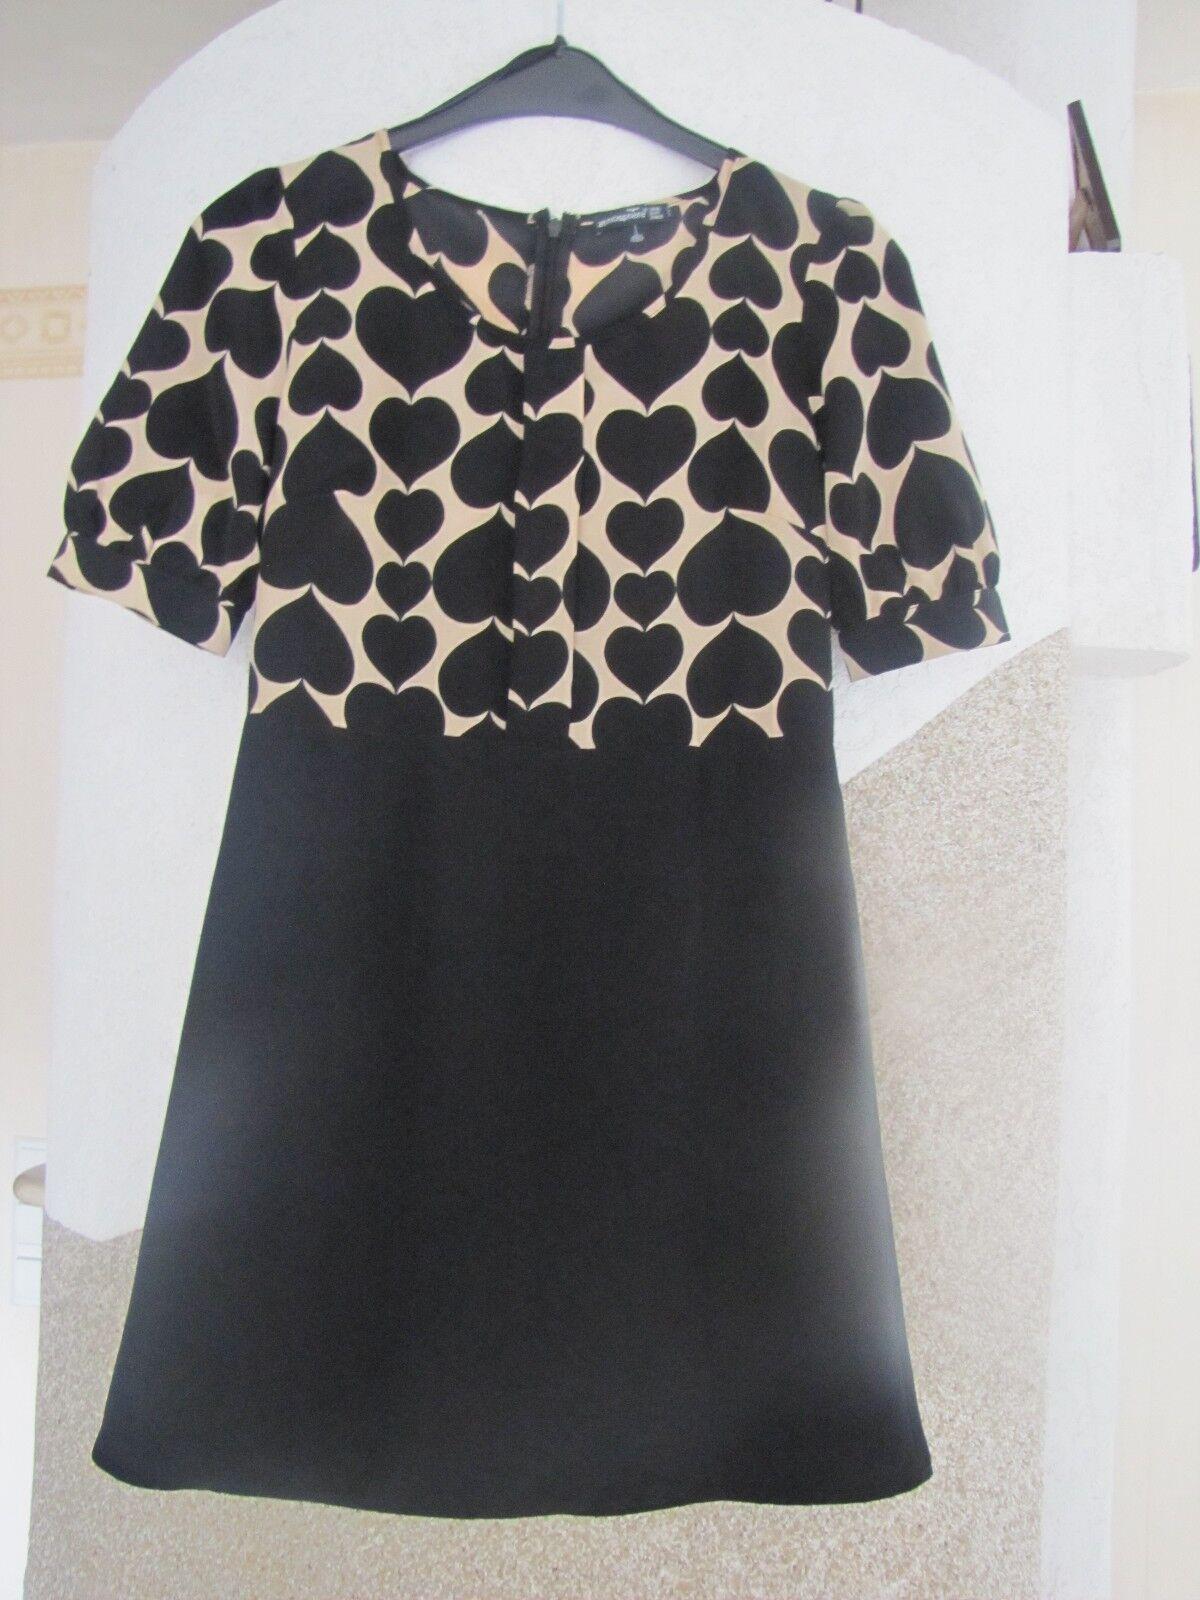 93acb230e32 Hondrocream ist die Schnellste Gr 36 designer Kleid mit Herzen sehr schön  ausgefallen ausgefallen ausgefallen Maße beachten d38963